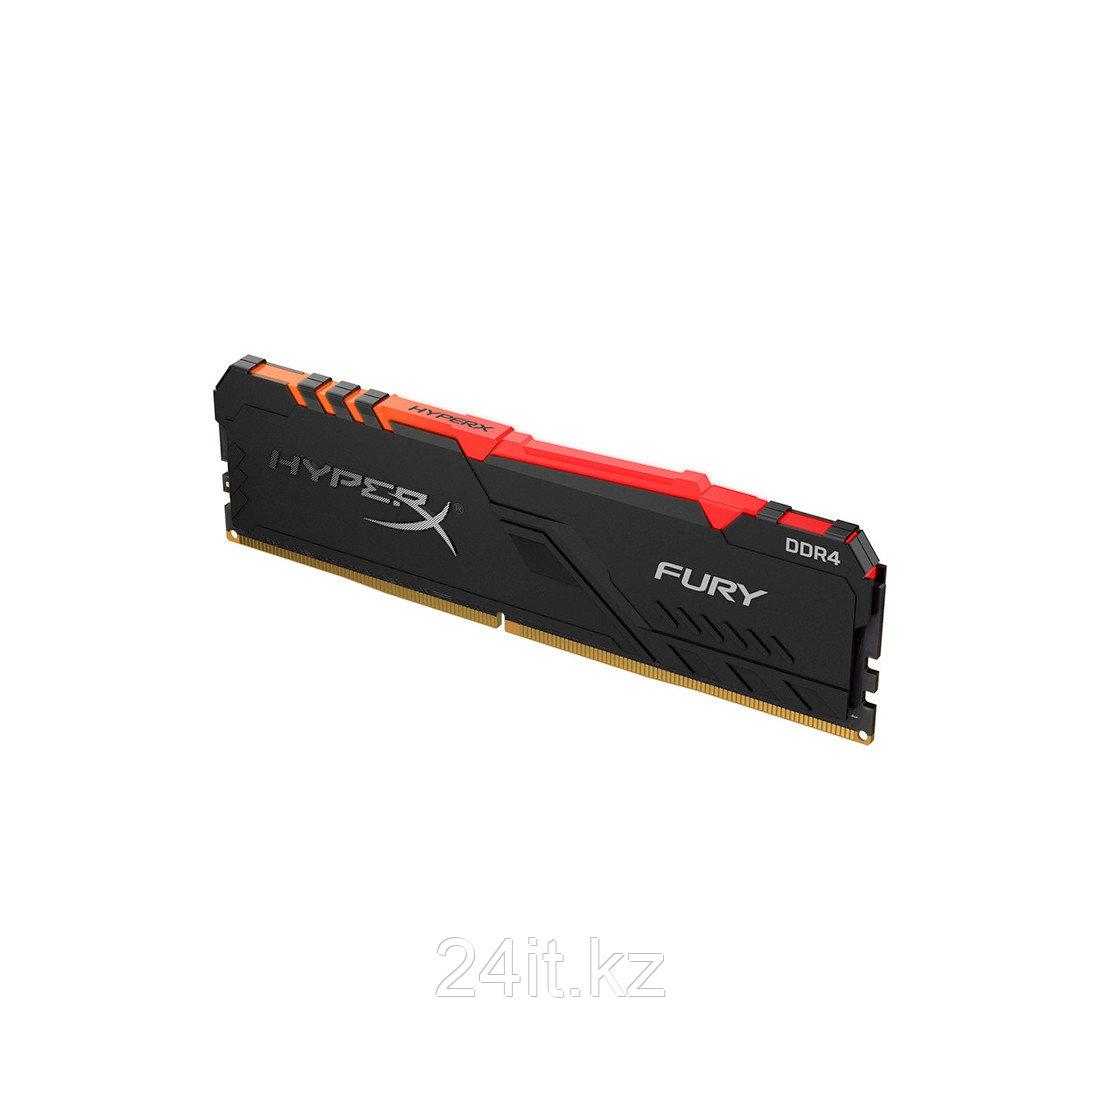 Модуль памяти Kingston HyperX Fury RGB HX426C16FB3A/16 DDR4 16G 2666MHz